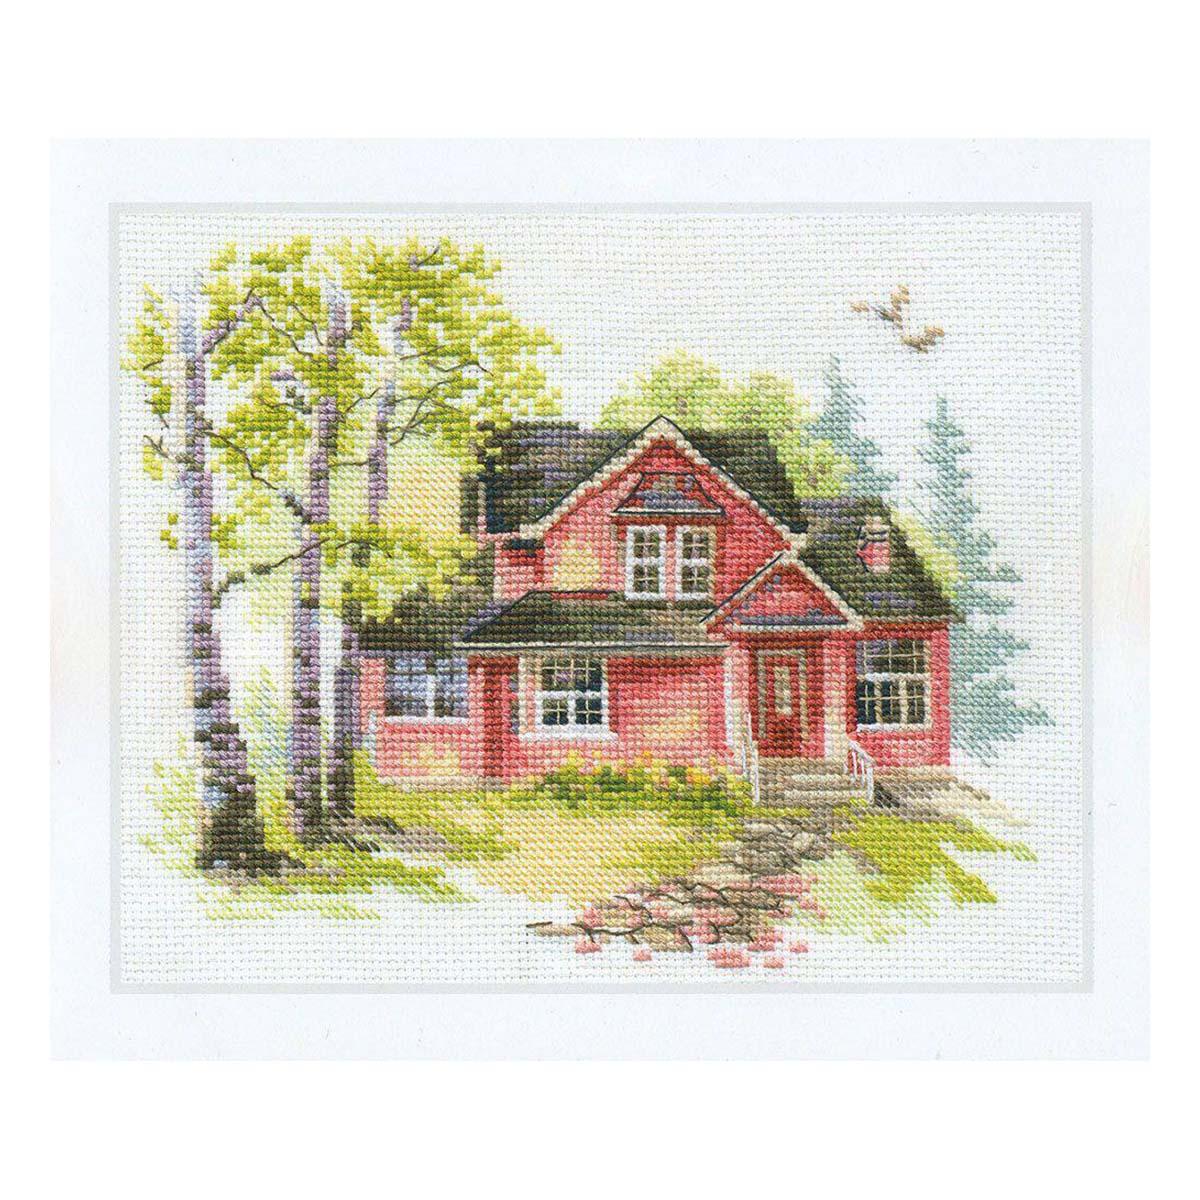 3-19 Набор для вышивания АЛИСА 'Майский домик' 18*14см